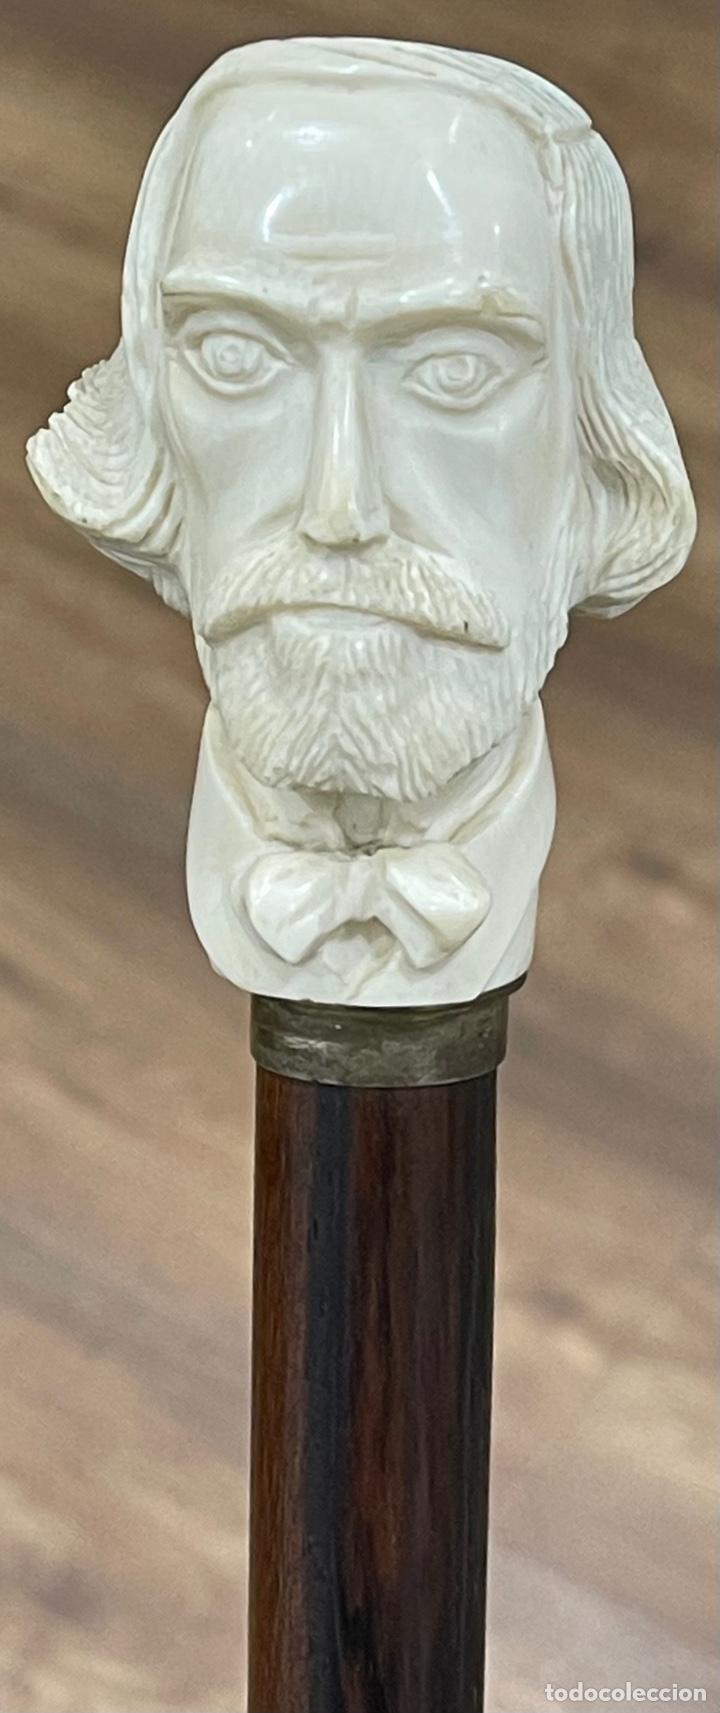 Antigüedades: Bonito bastón, con mango de marfil tallado, y vara en palosanto, o ébano de macassar. - Foto 10 - 255516500